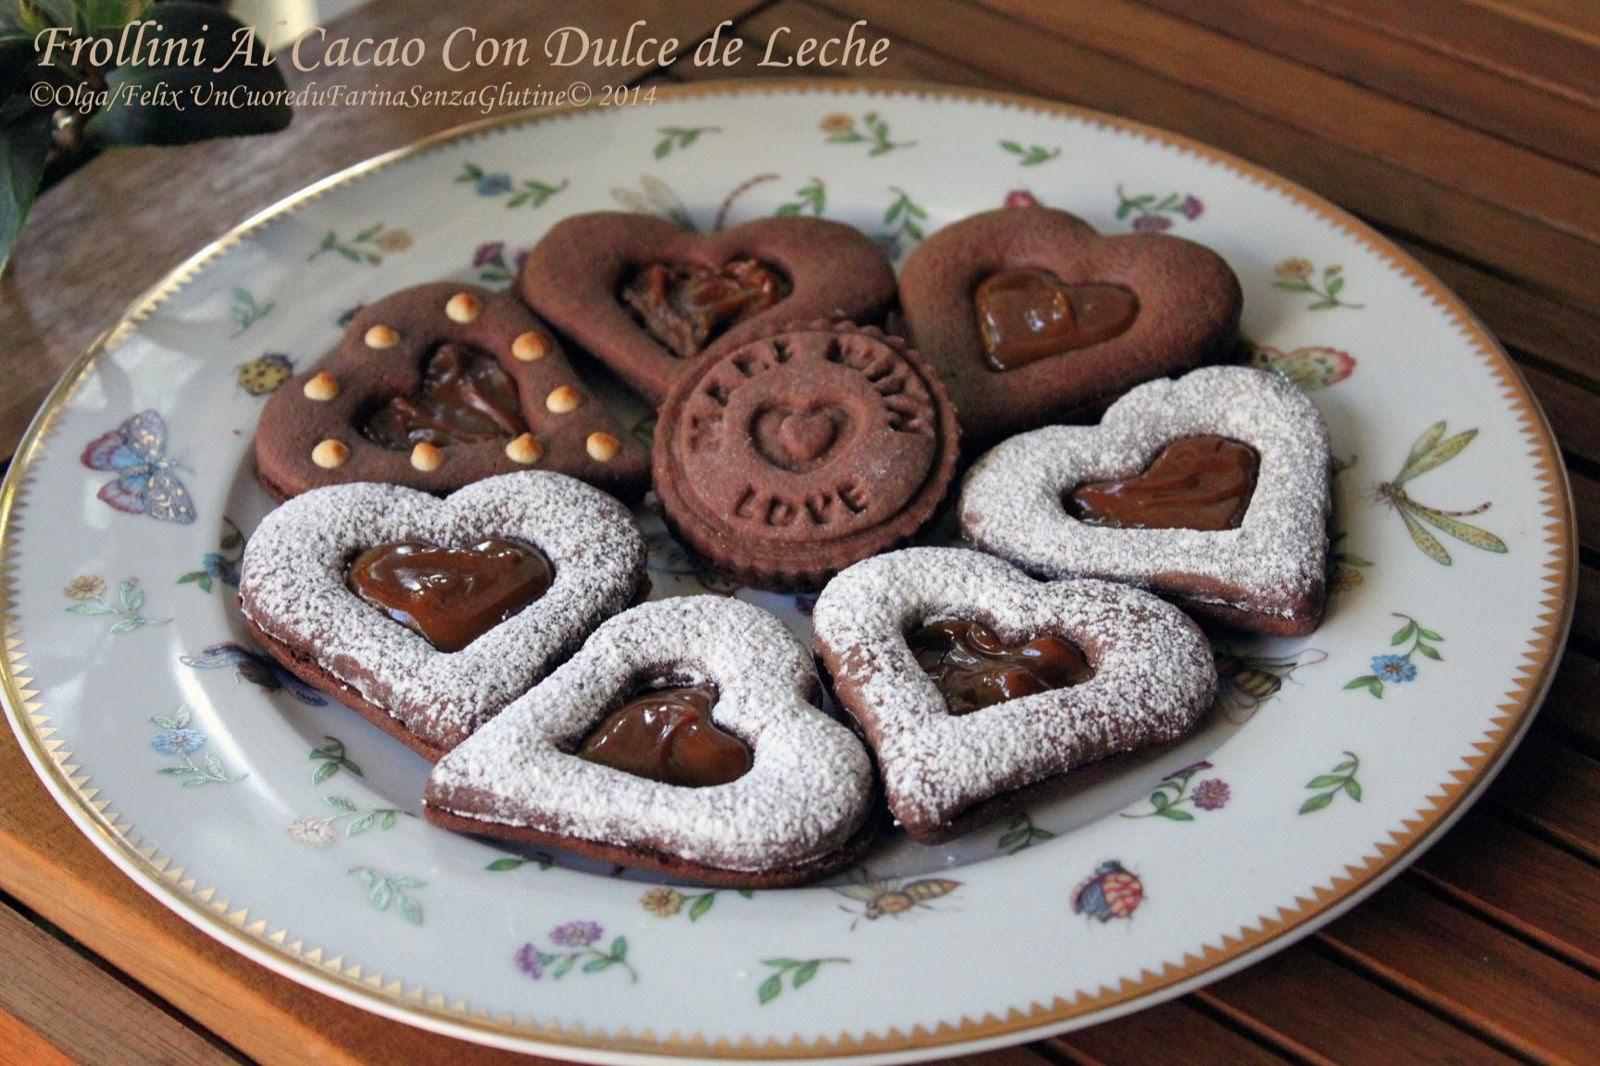 Frollini Al Cacao con Dulce de Leche